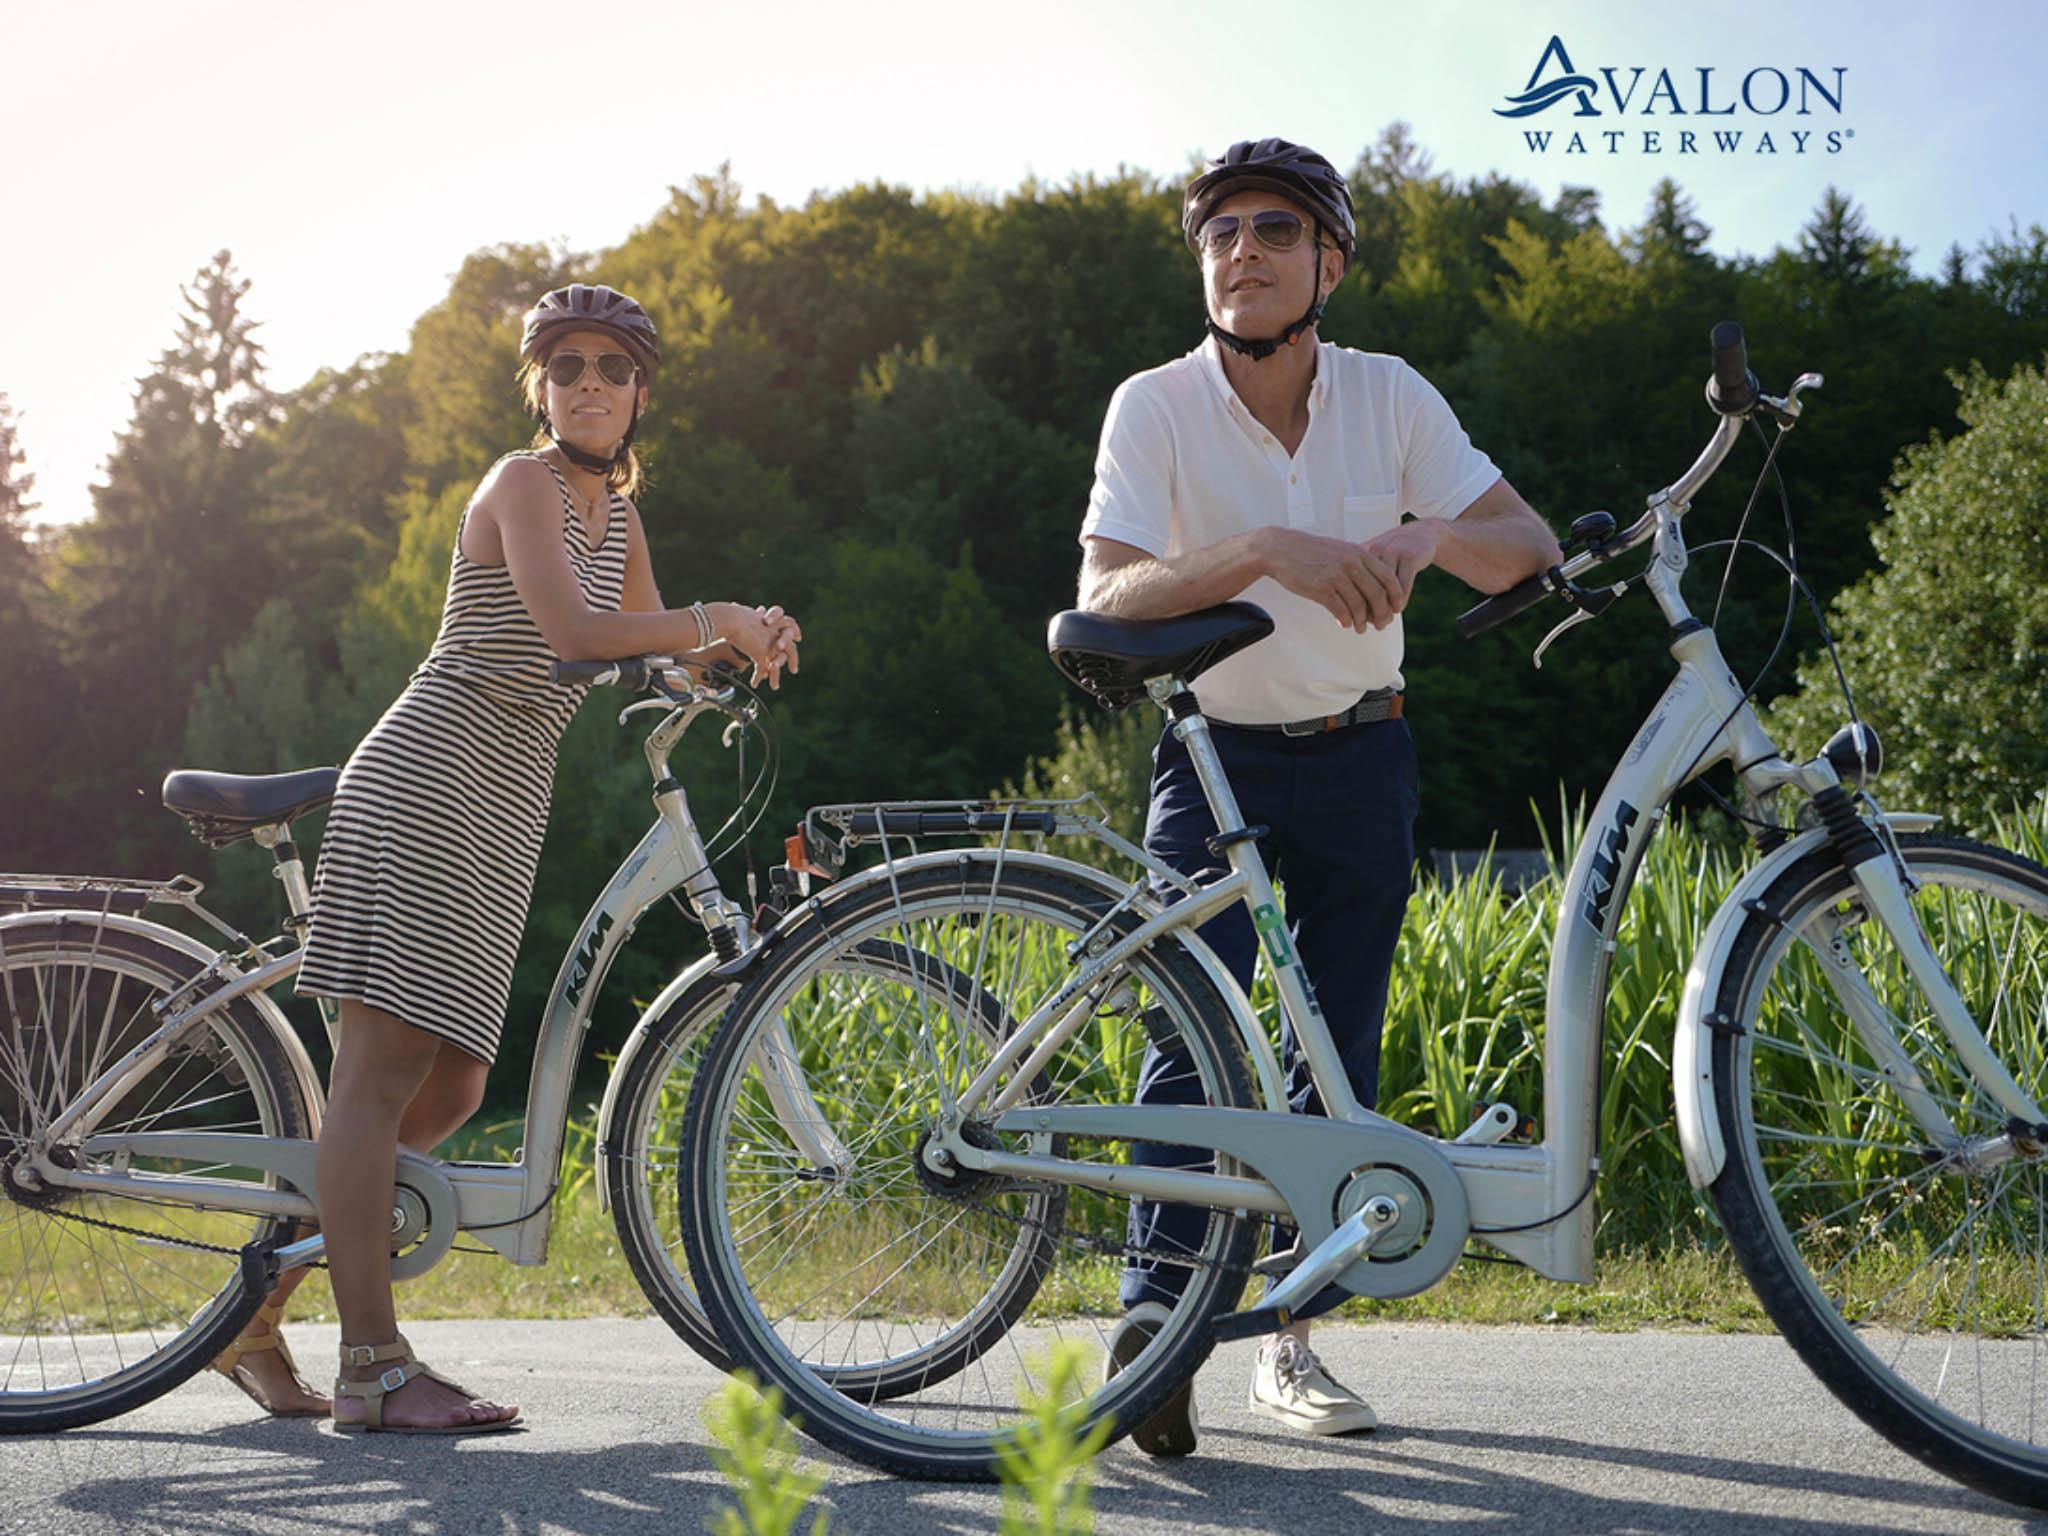 river-cruising-bike-excursion.jpg